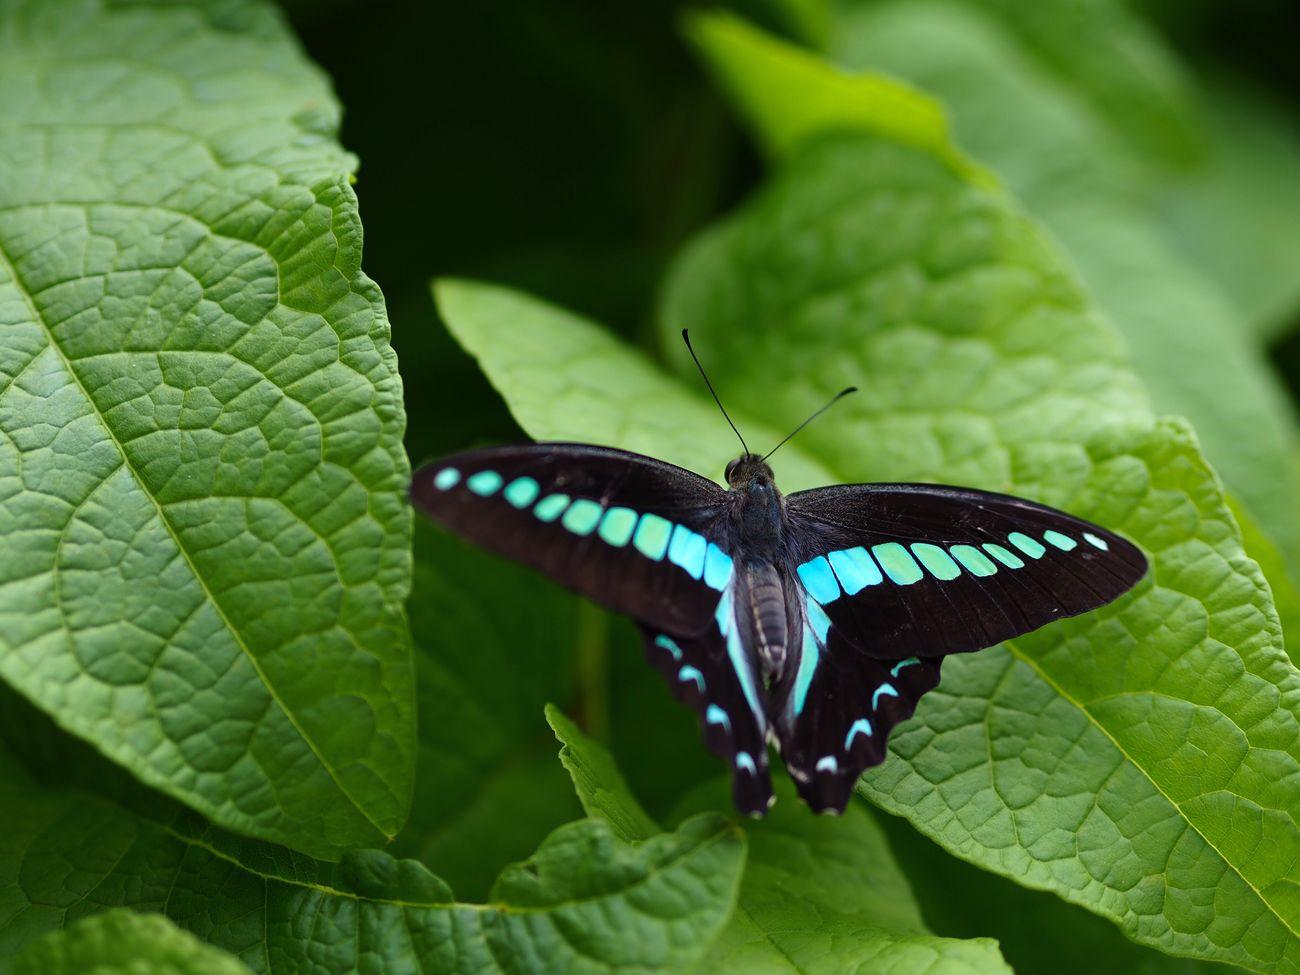 一級品になりたい… Insect Butterfly Butterfly - Insect One Animal Animal Themes Leaf Green Color Close-up No People Day Plant Olympus OM-D E-M5 Mk.II